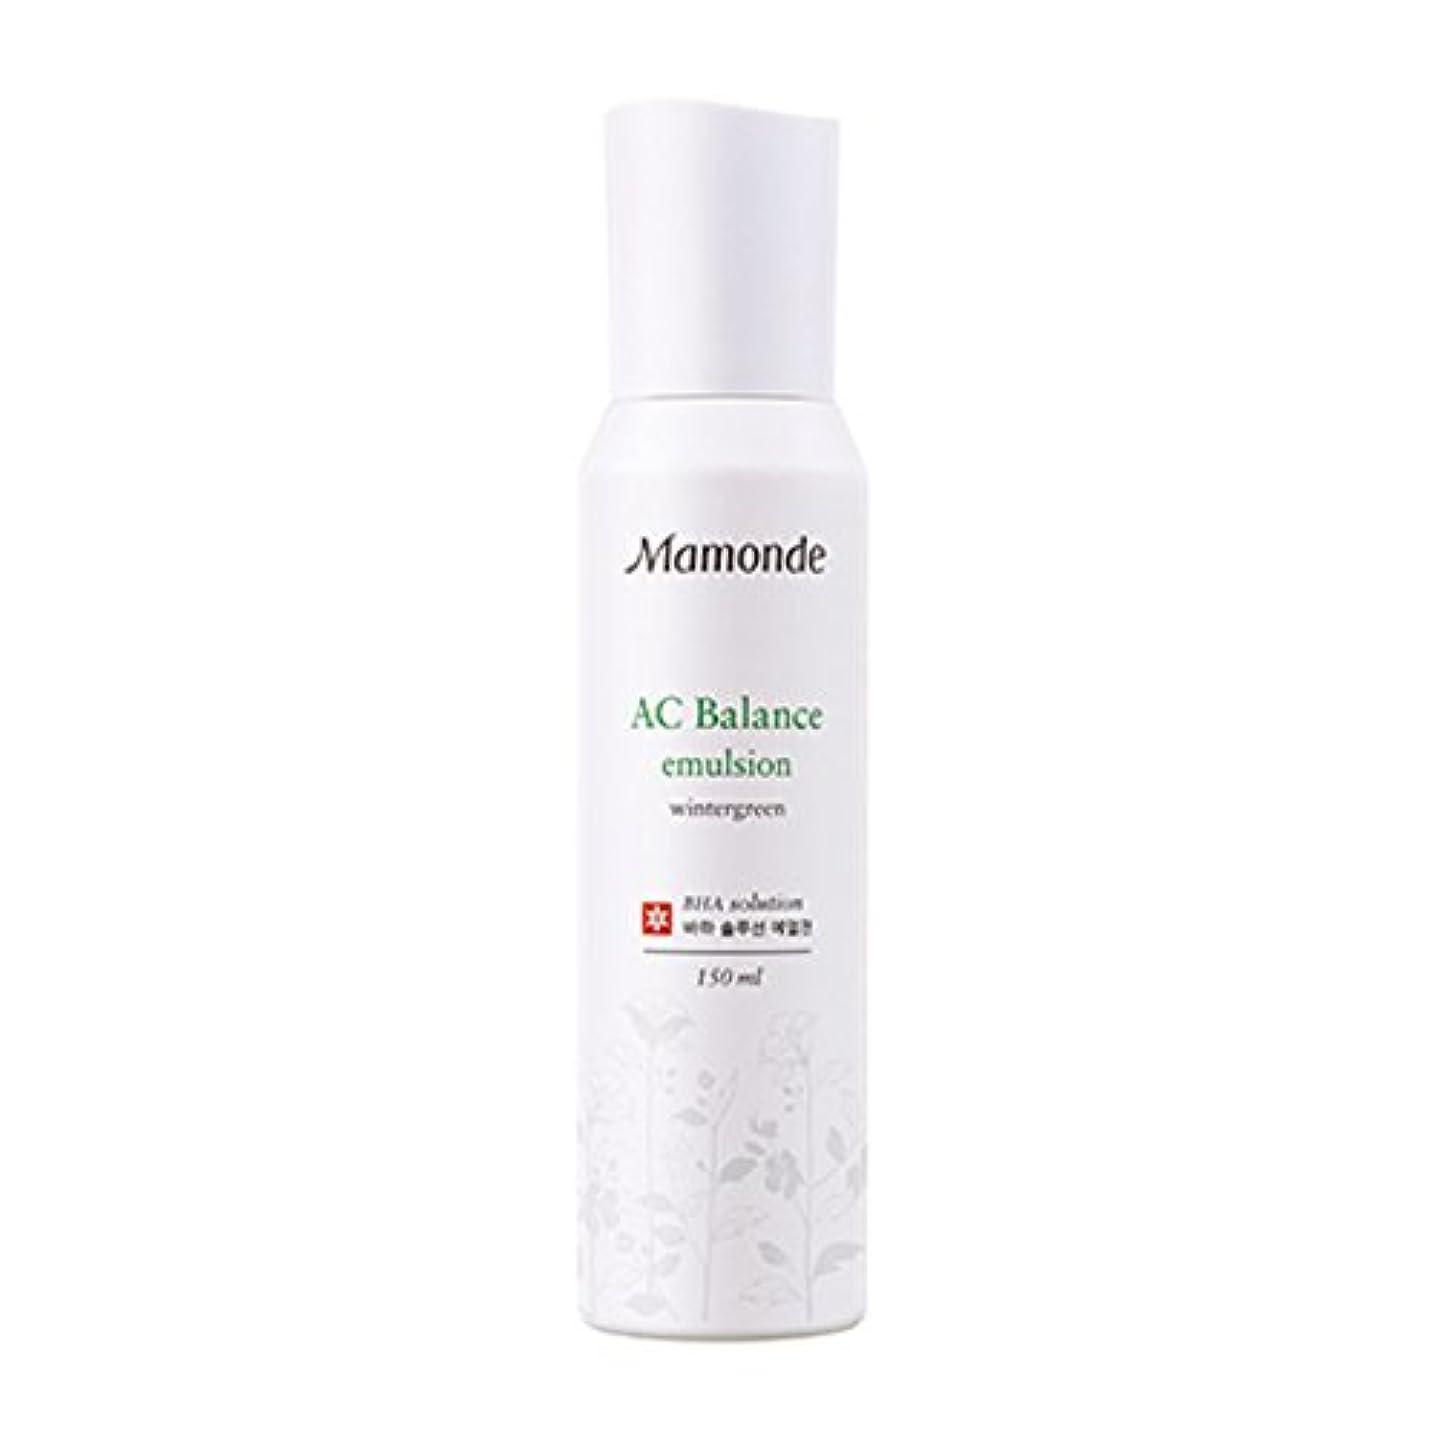 許す不運枯渇[New] Mamonde AC Balance Emulsion 150ml/マモンド AC バランス エマルジョン 150ml [並行輸入品]